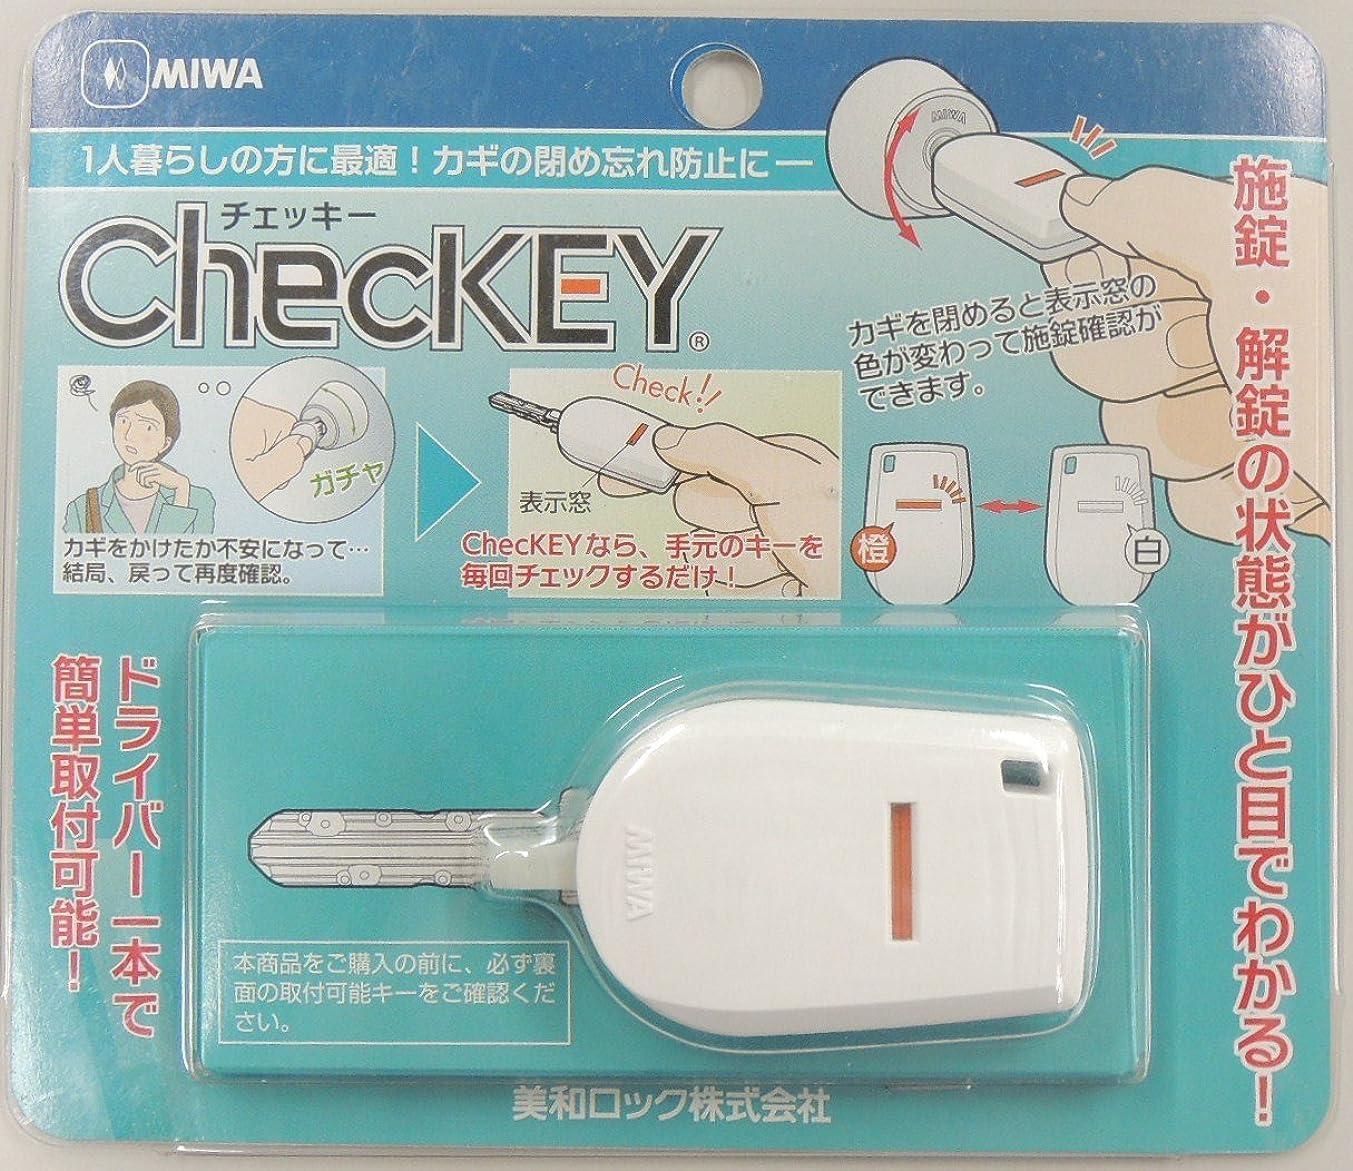 うまれた持ってるトランジスタ美和ロック ChecKEY カギの閉め忘れ防止 M00023-0